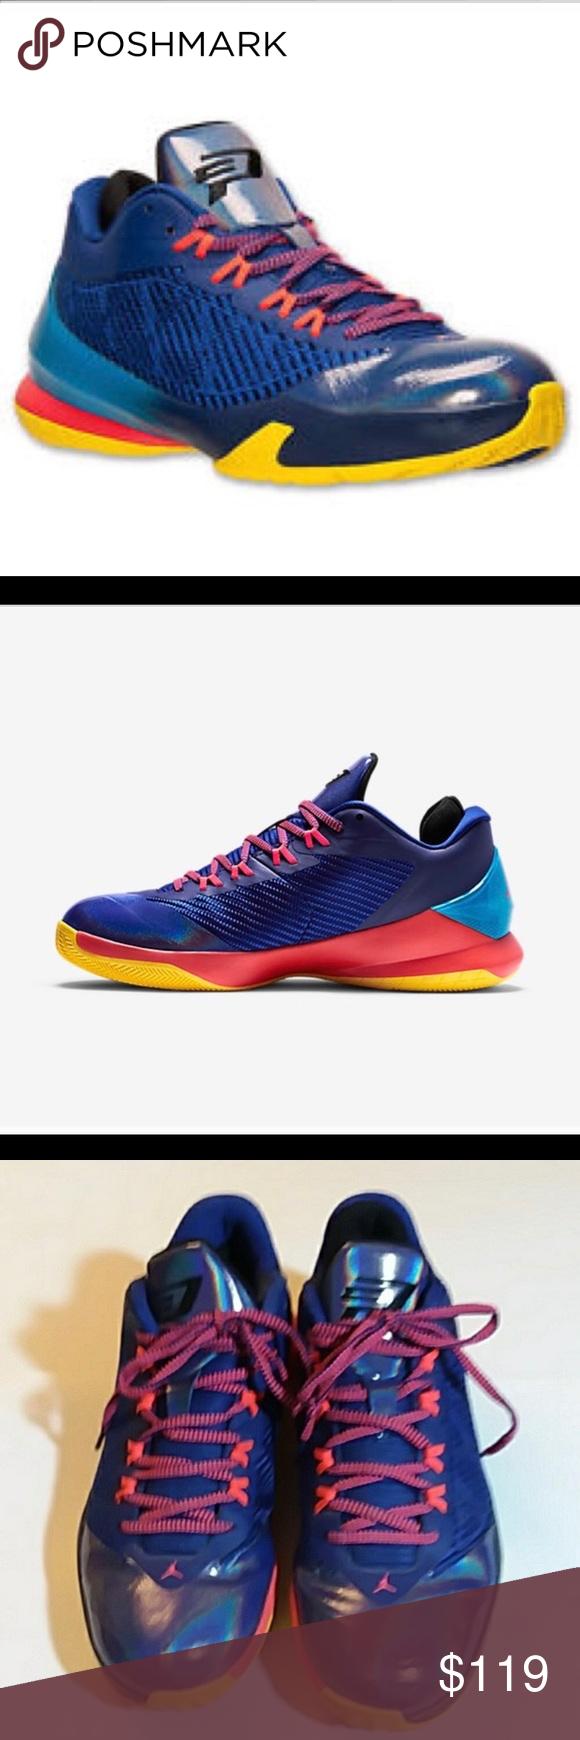 Nike Chris Paul Men's Basketball Sneaker Like brand new